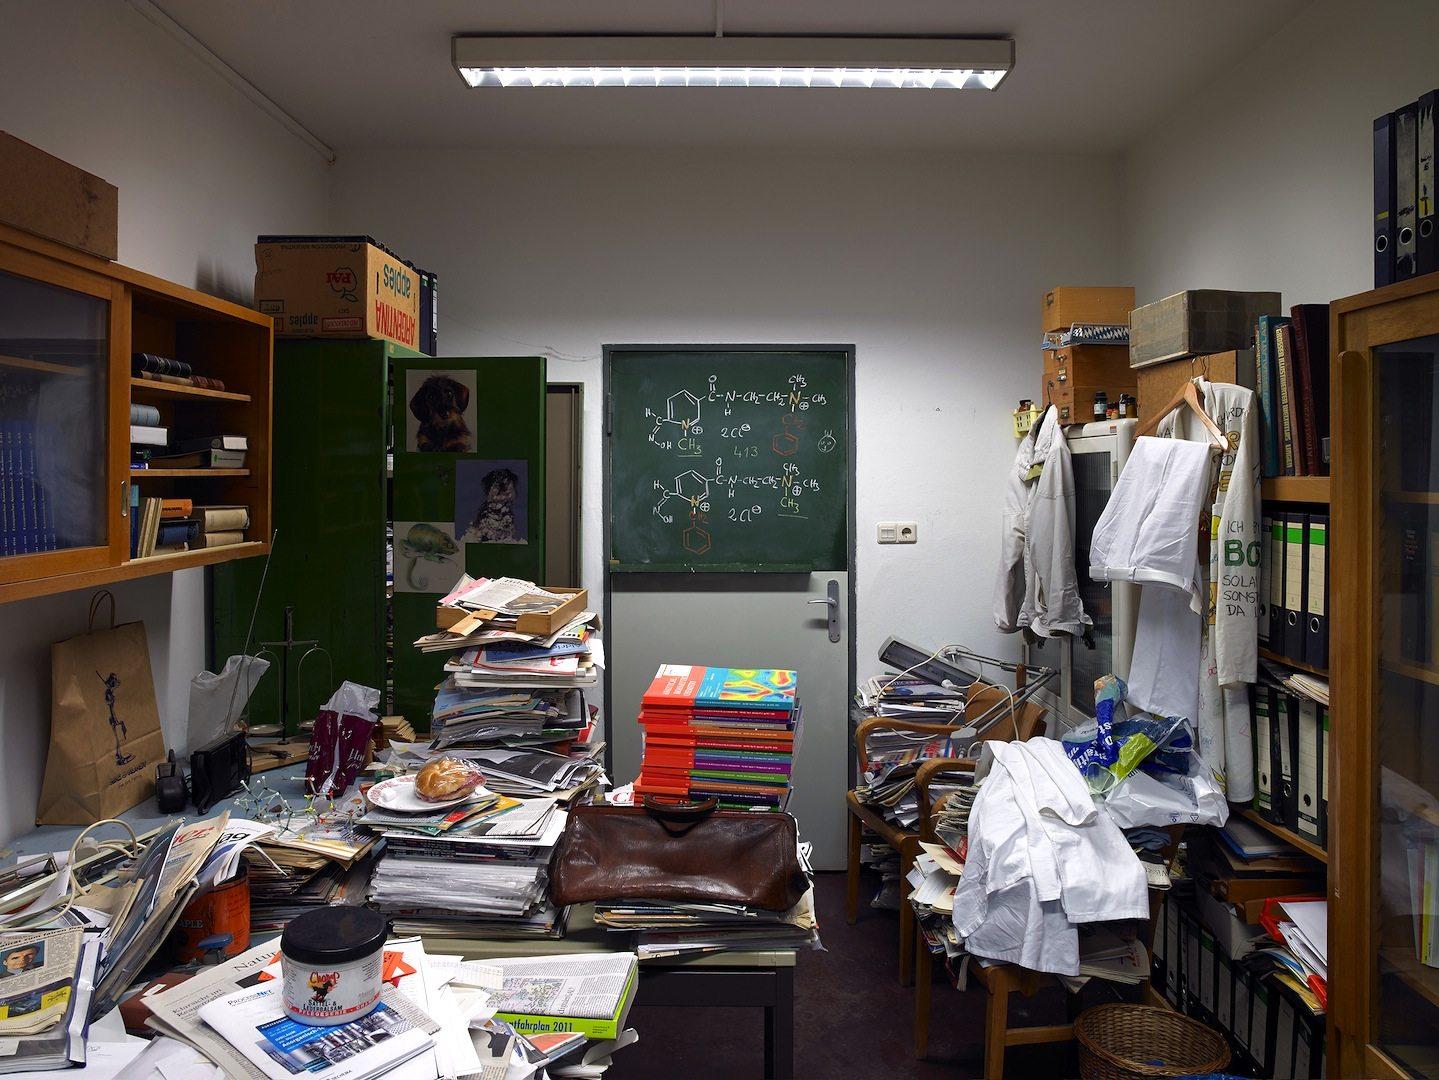 Neuer Geländeteil, Chemielabore. Büro eines Naturwissenschaftlers mit belegtem Brötchen